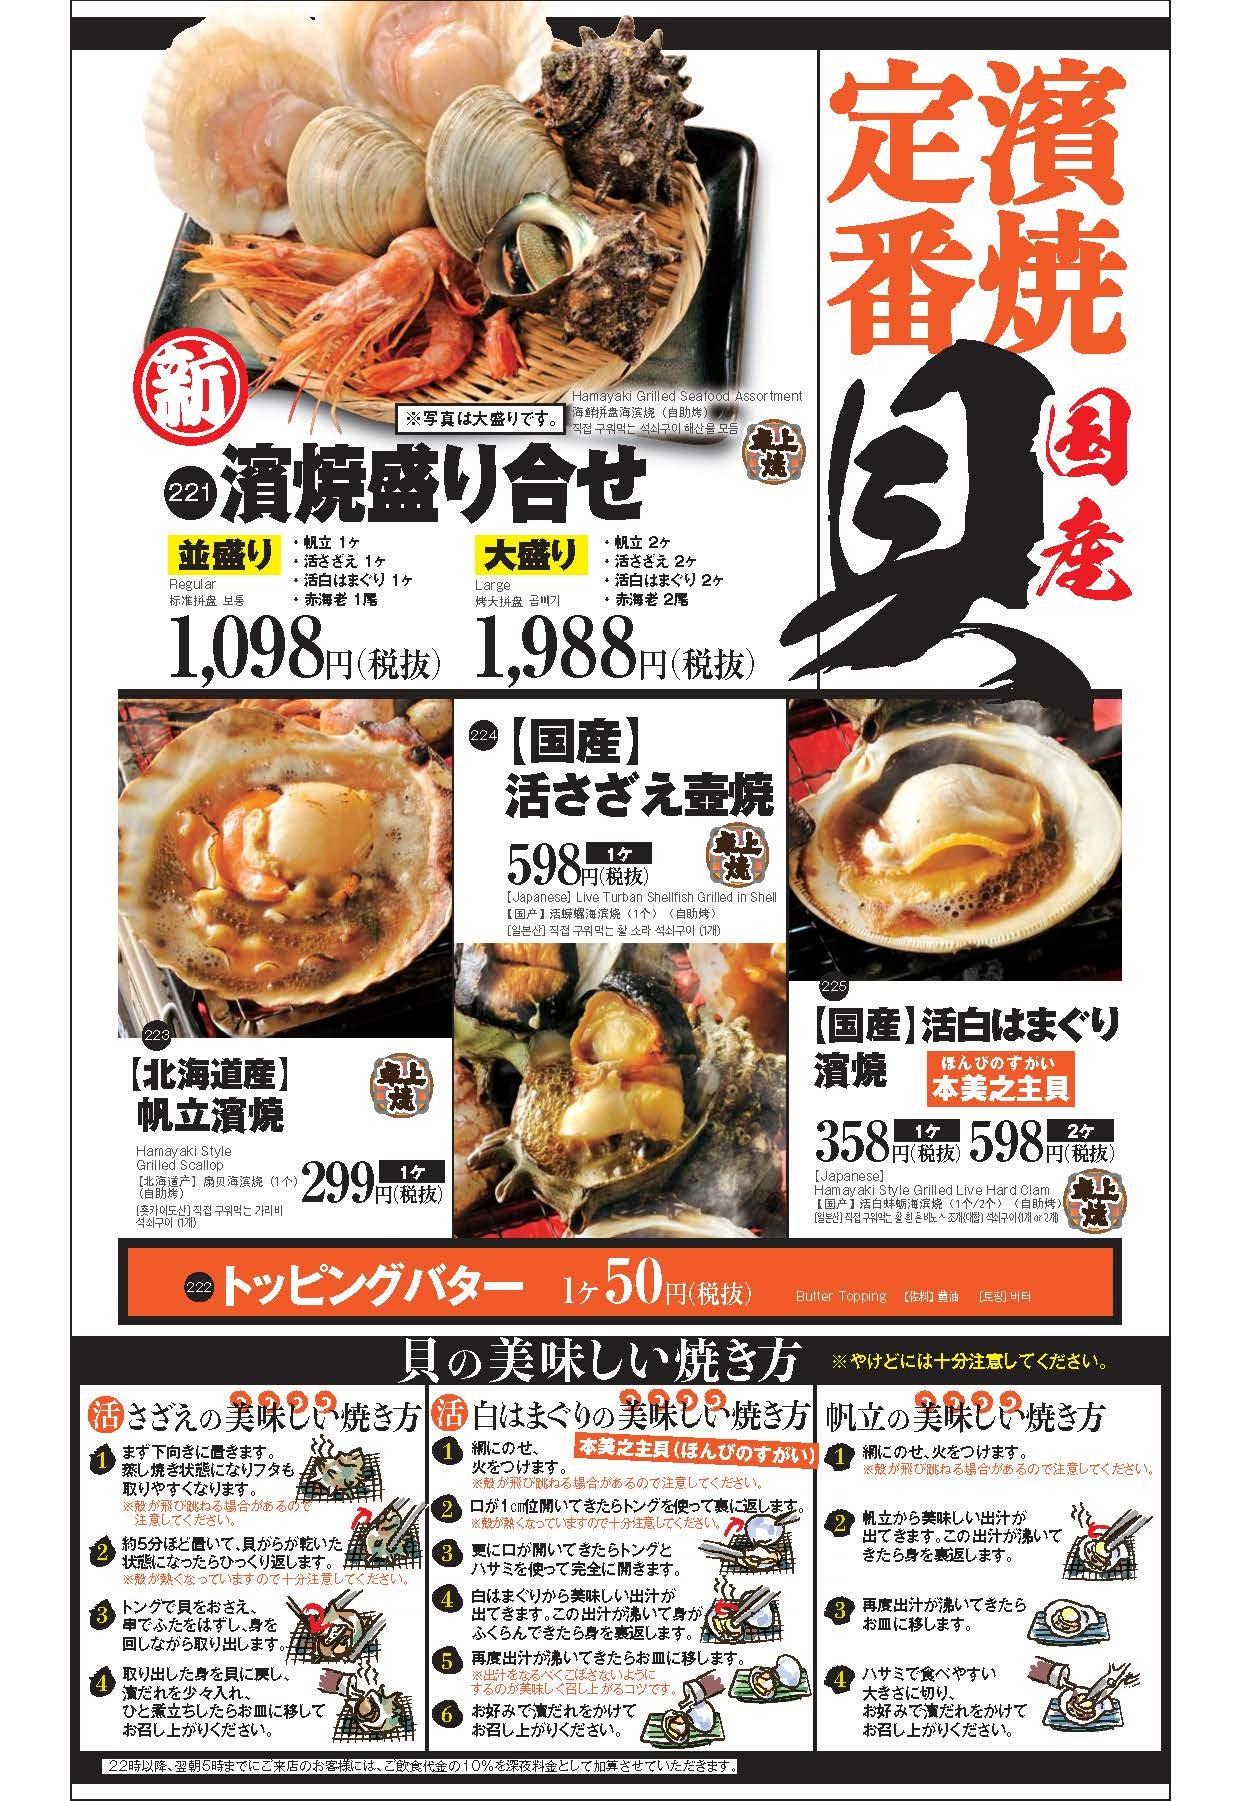 「目利きの銀次」「横濱魚萬」の グランドメニューが新しくなります!